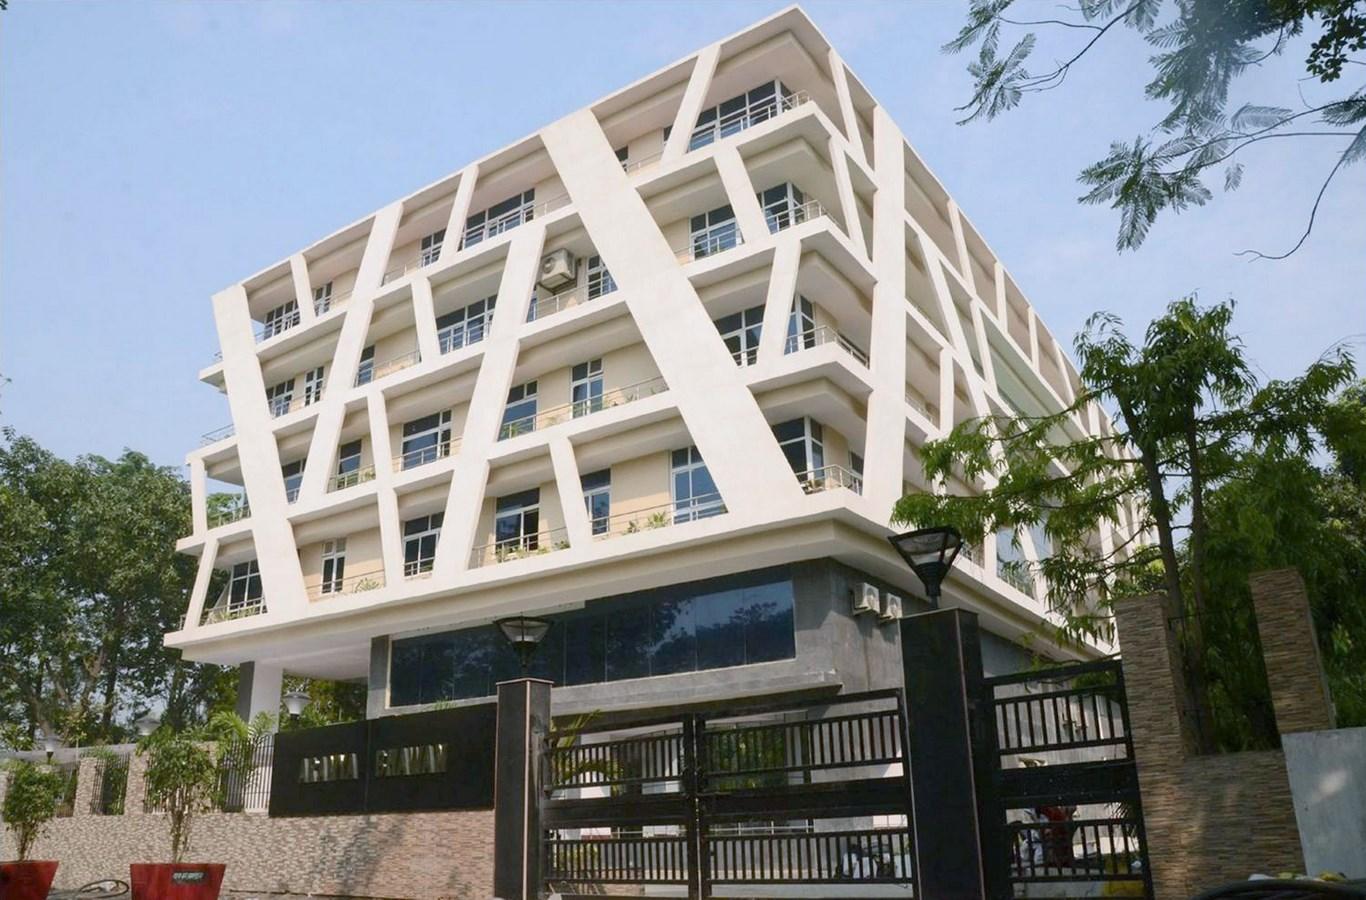 Architects in Delhi - NilaA Architecture & Urban Design